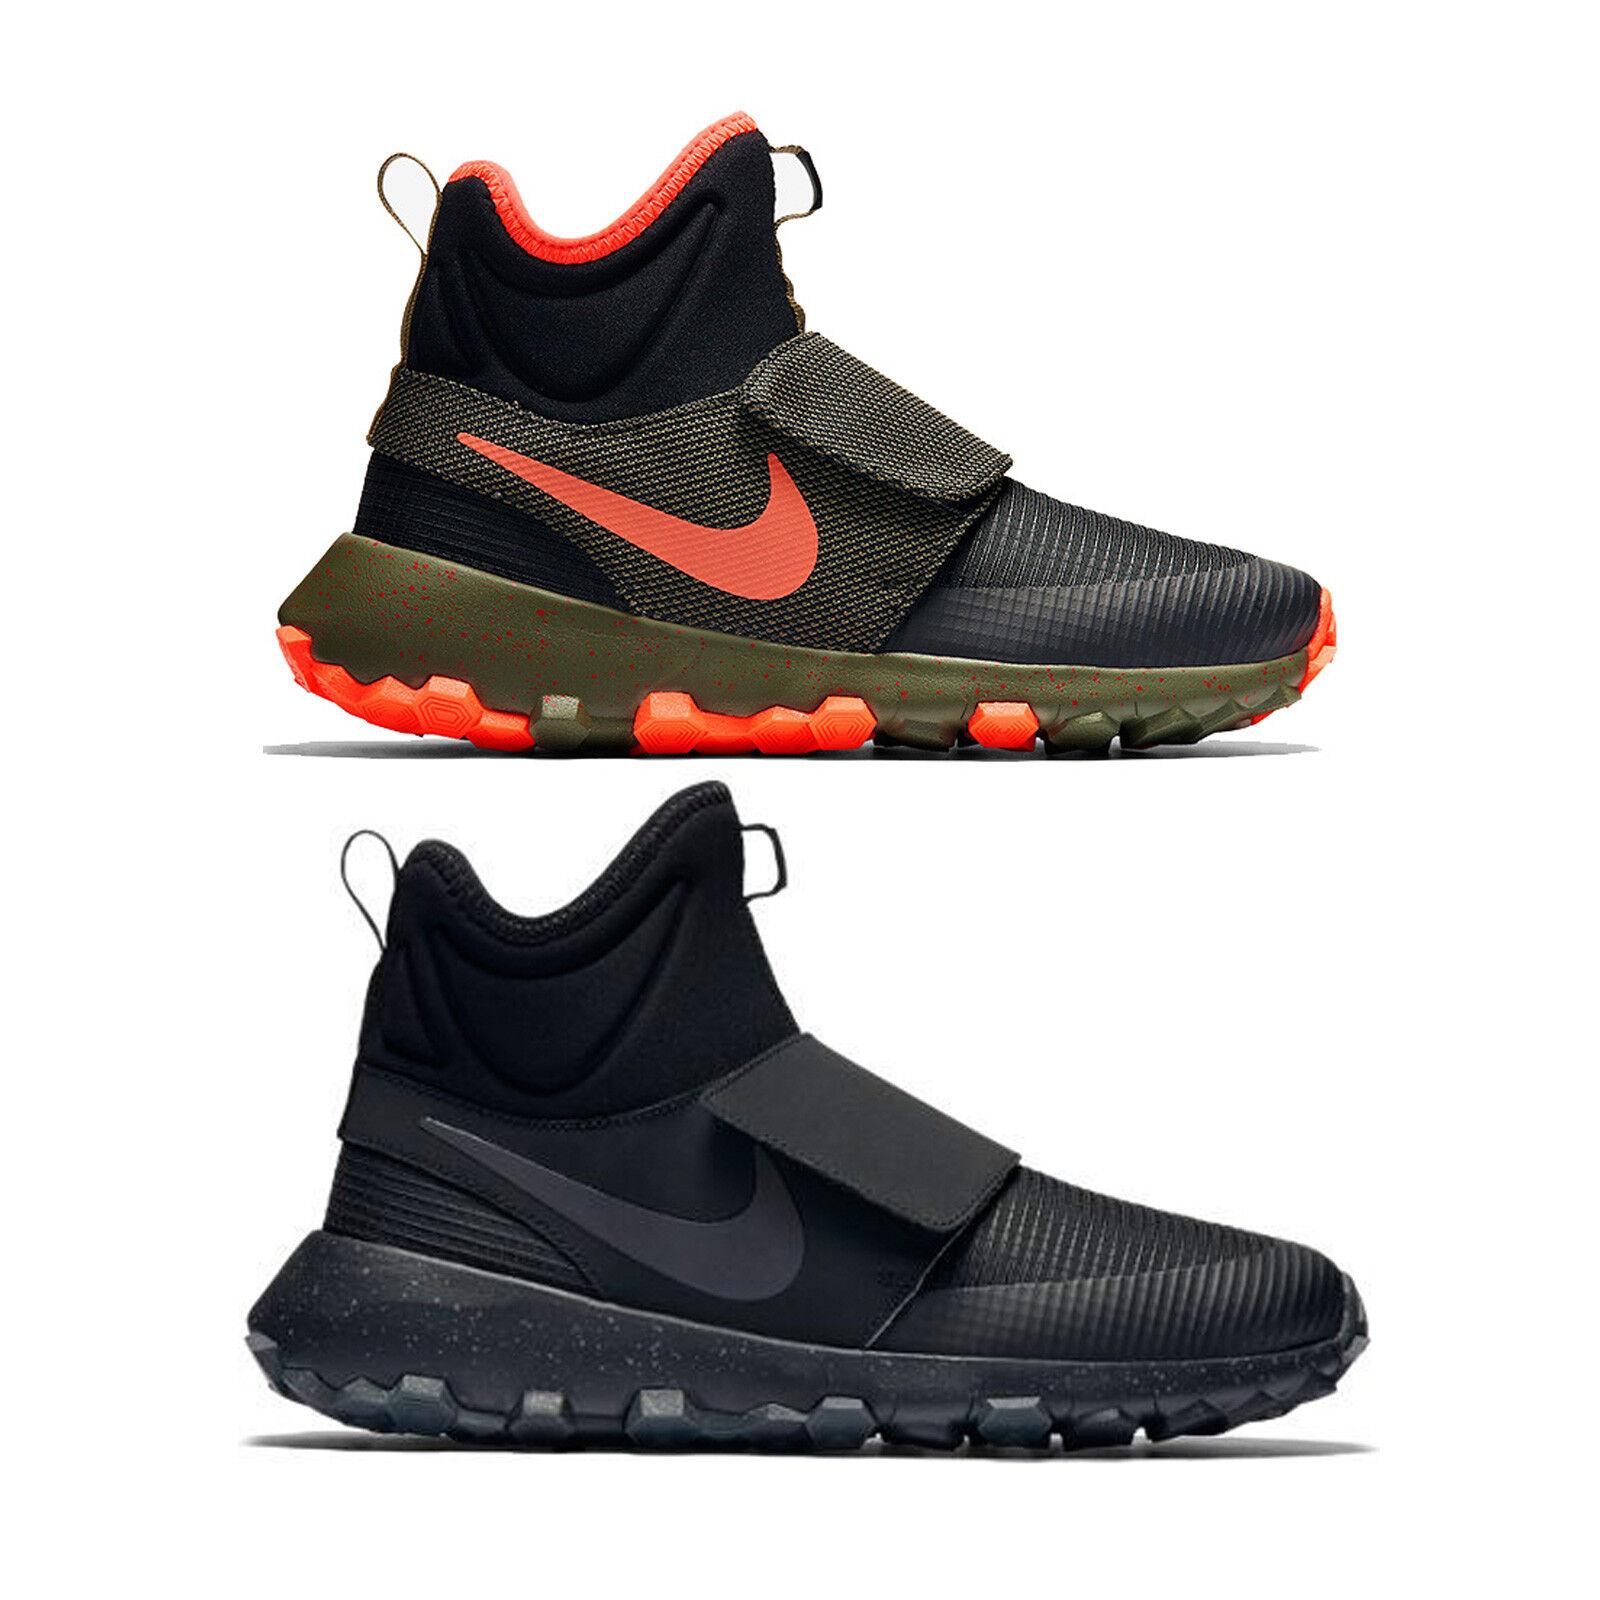 Cómodo y bien parecido Barato y cómodo Nike Roshe Mid Winter Stamina Zapatillas Sneakerboot negro oliva 859621 001 003